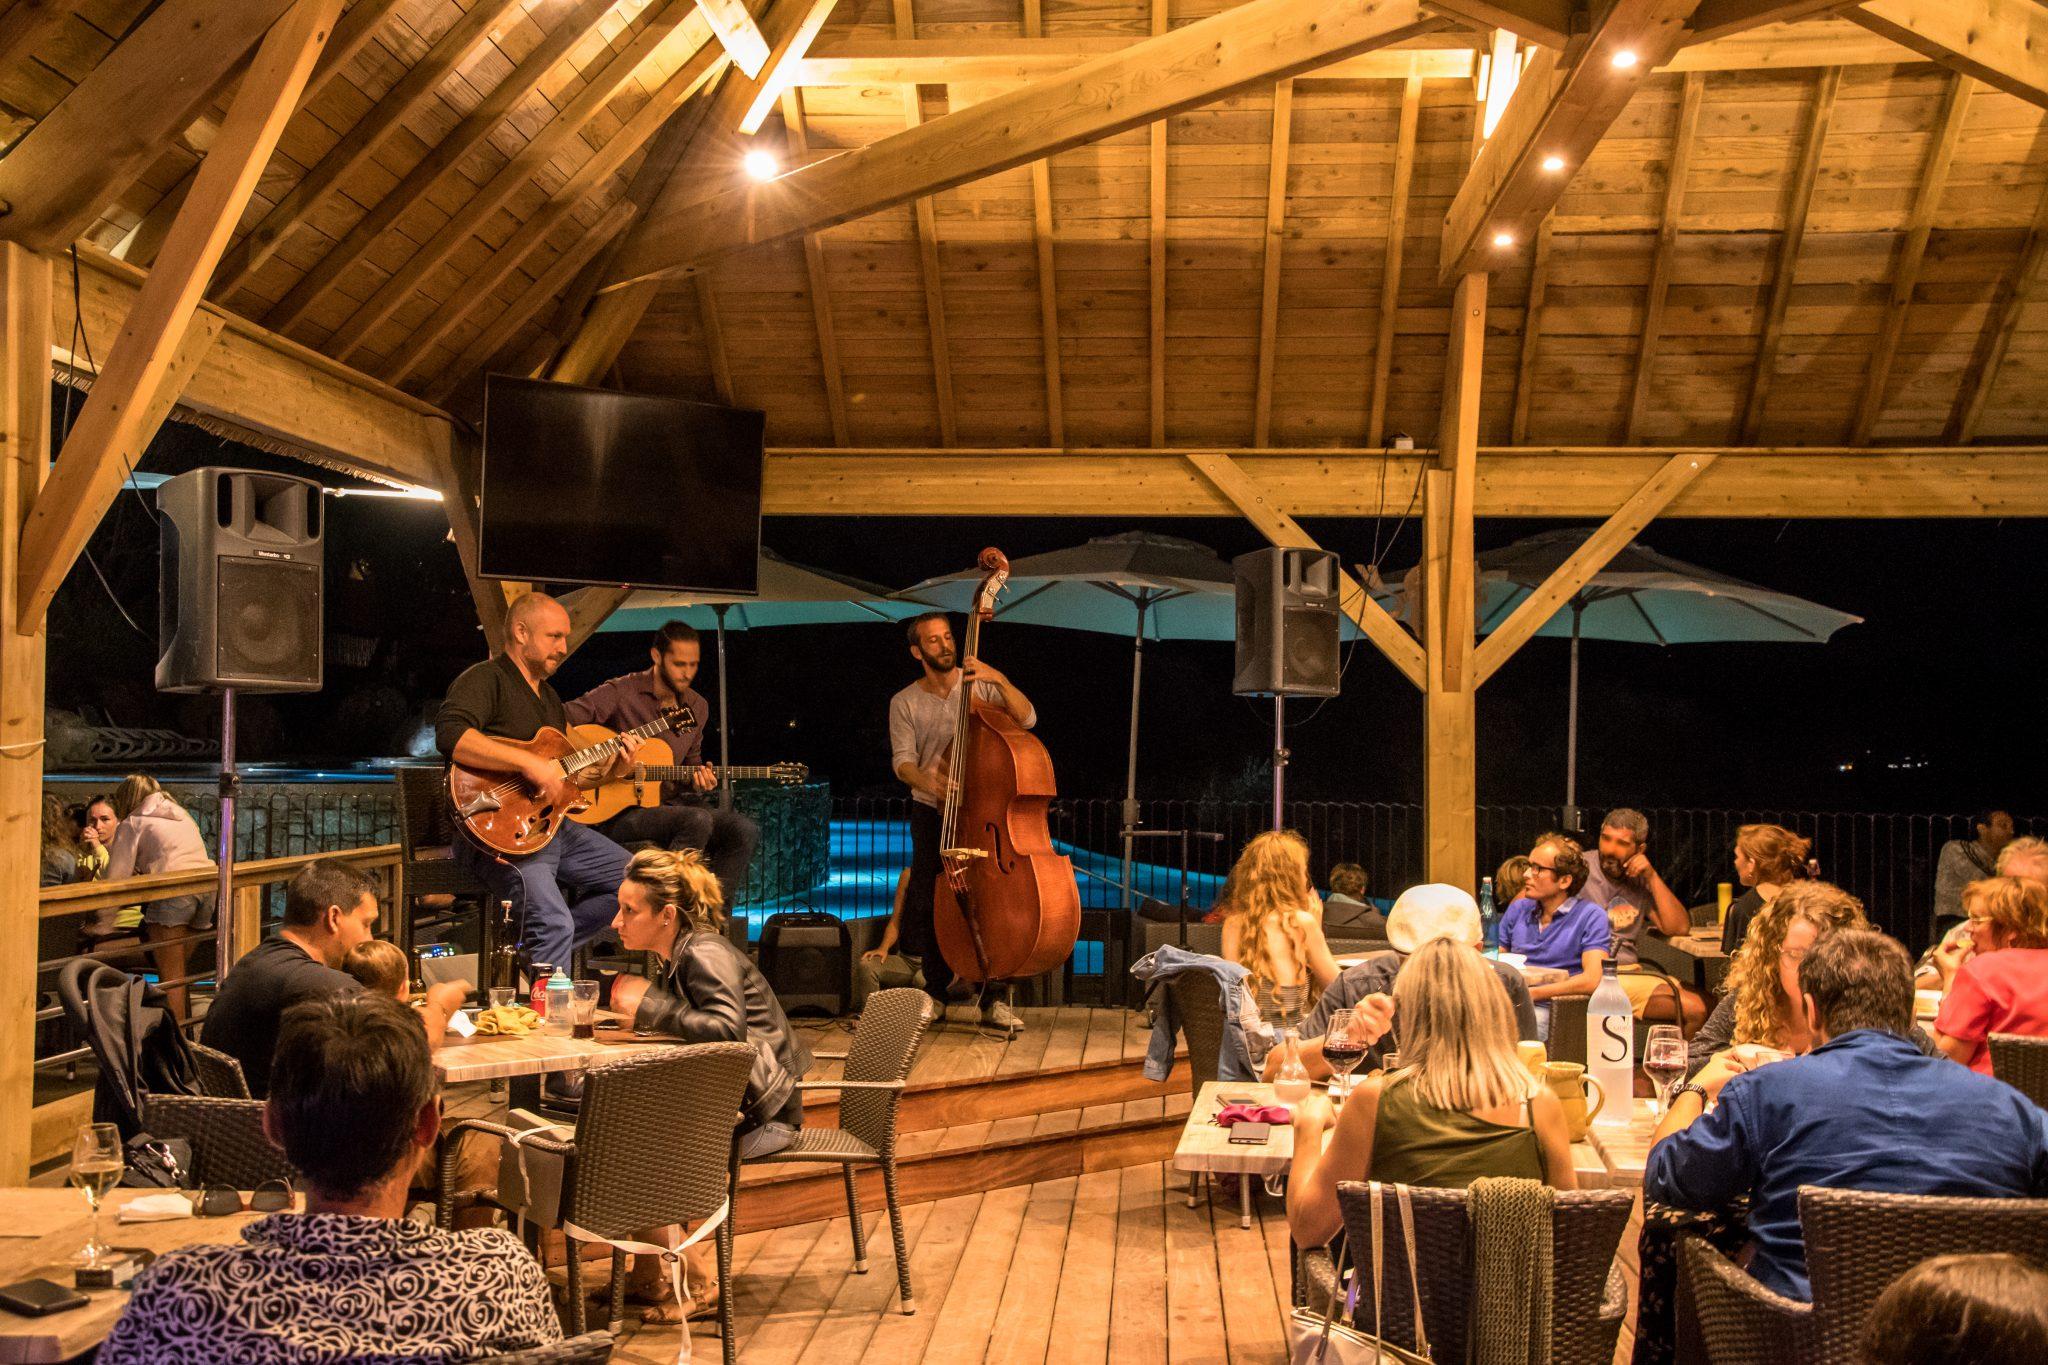 Manger en musique dans un restaurant corse